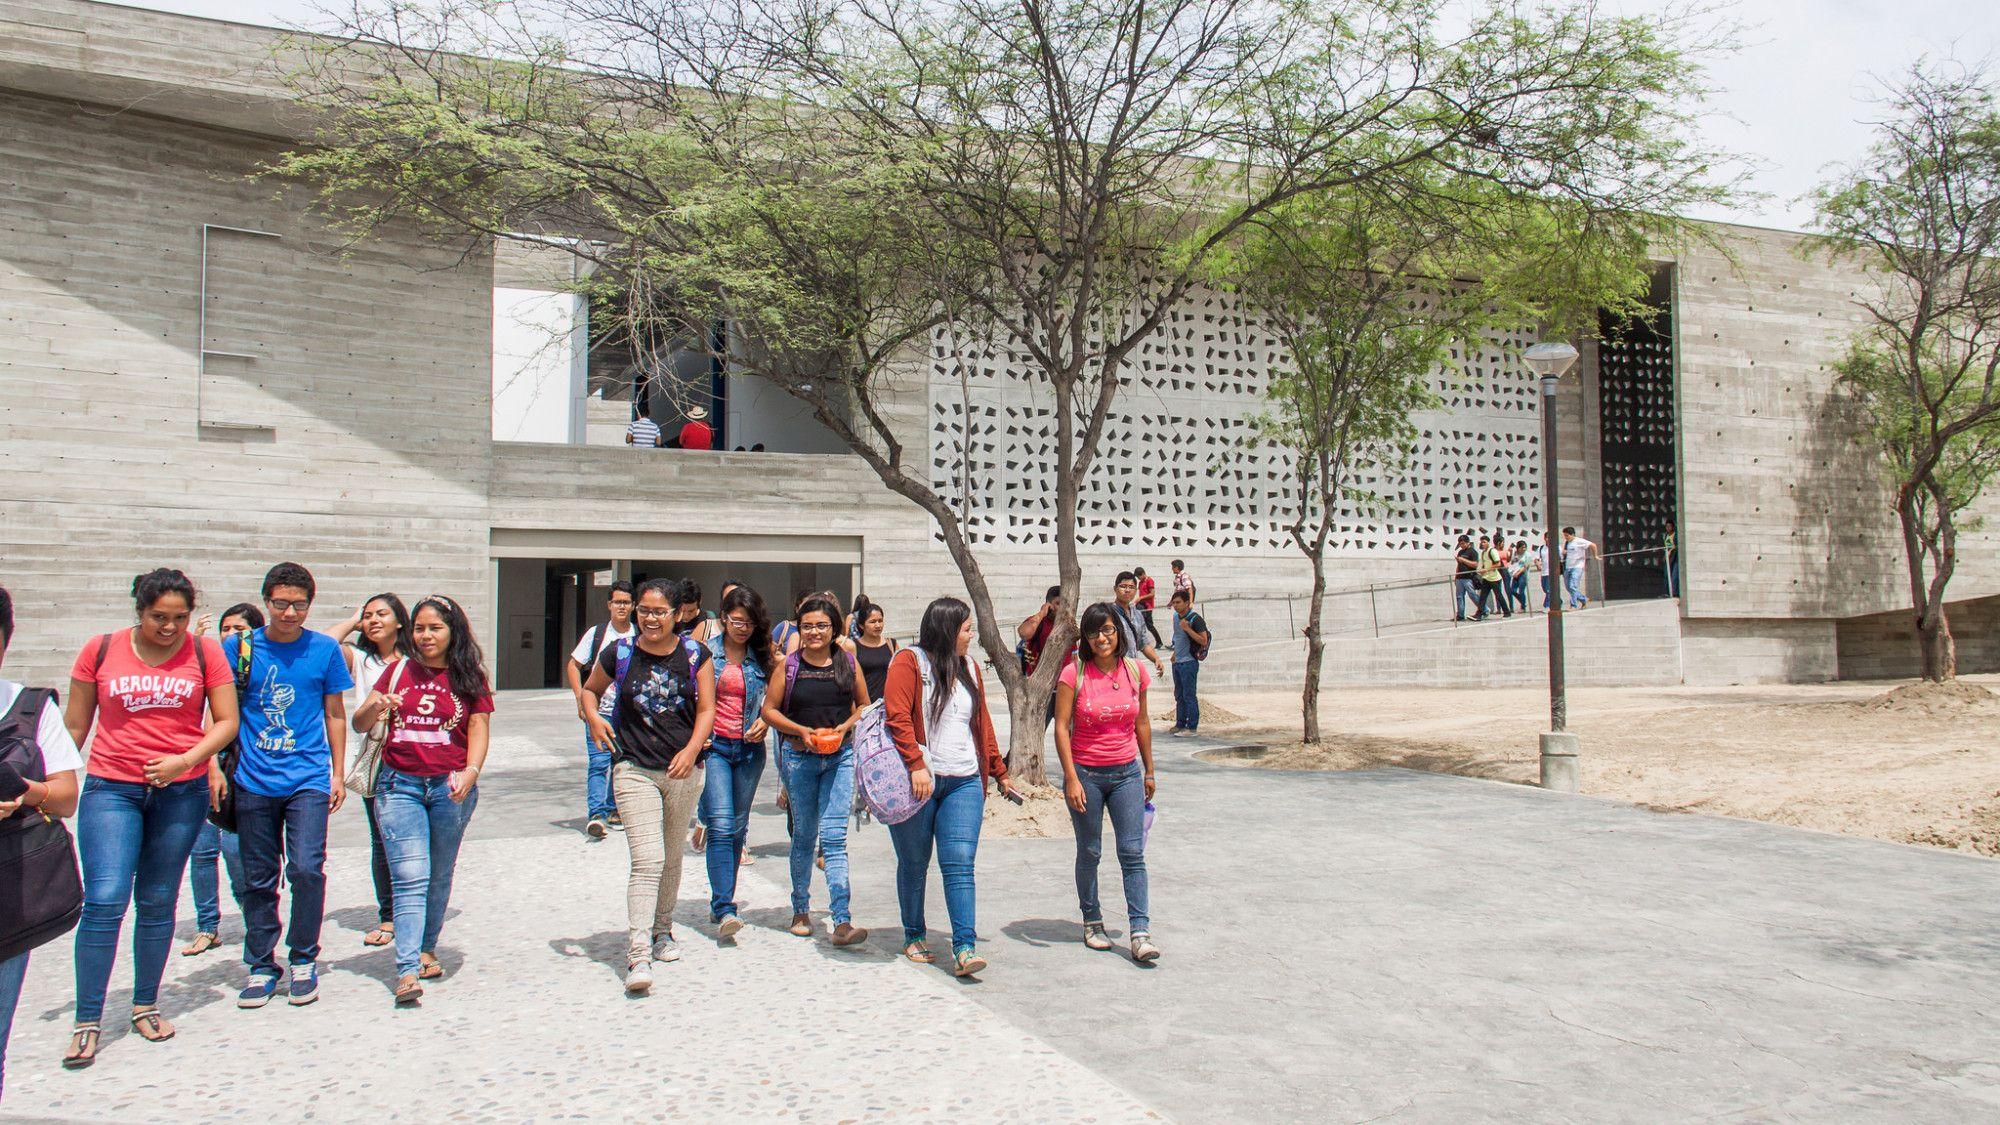 Universidad César Vallejo y Alas Peruanas son las que